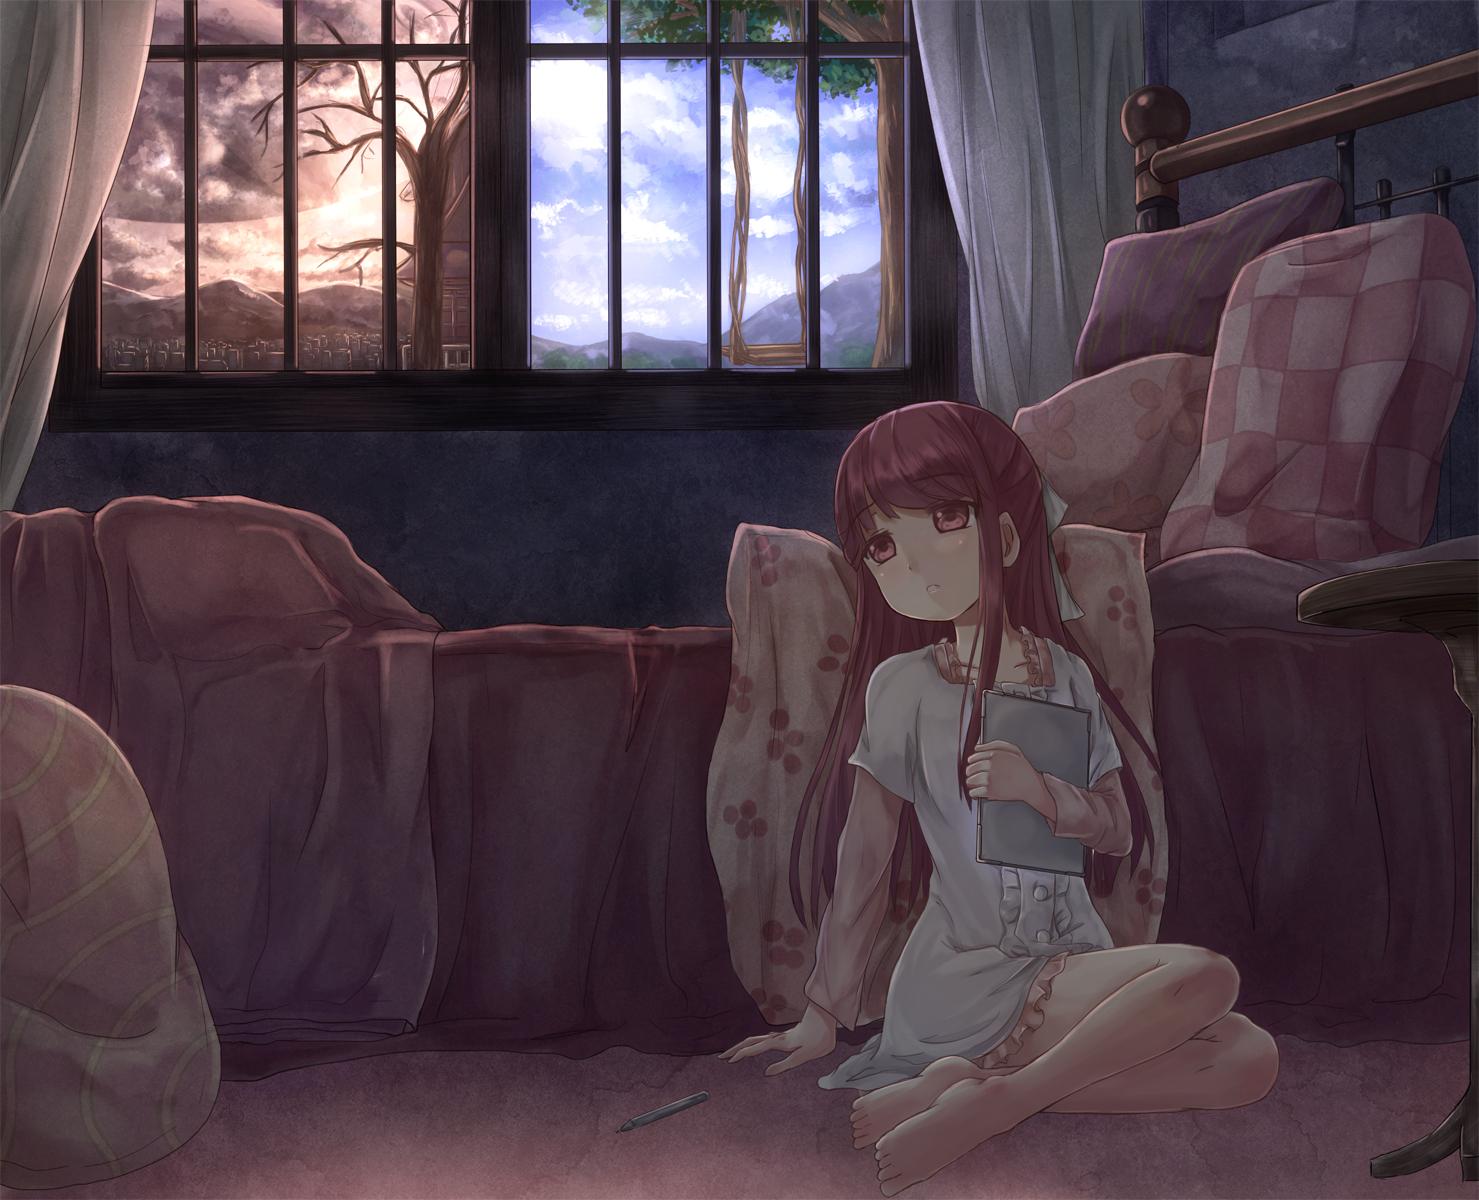 Shelter - Zerochan Anime Image Board